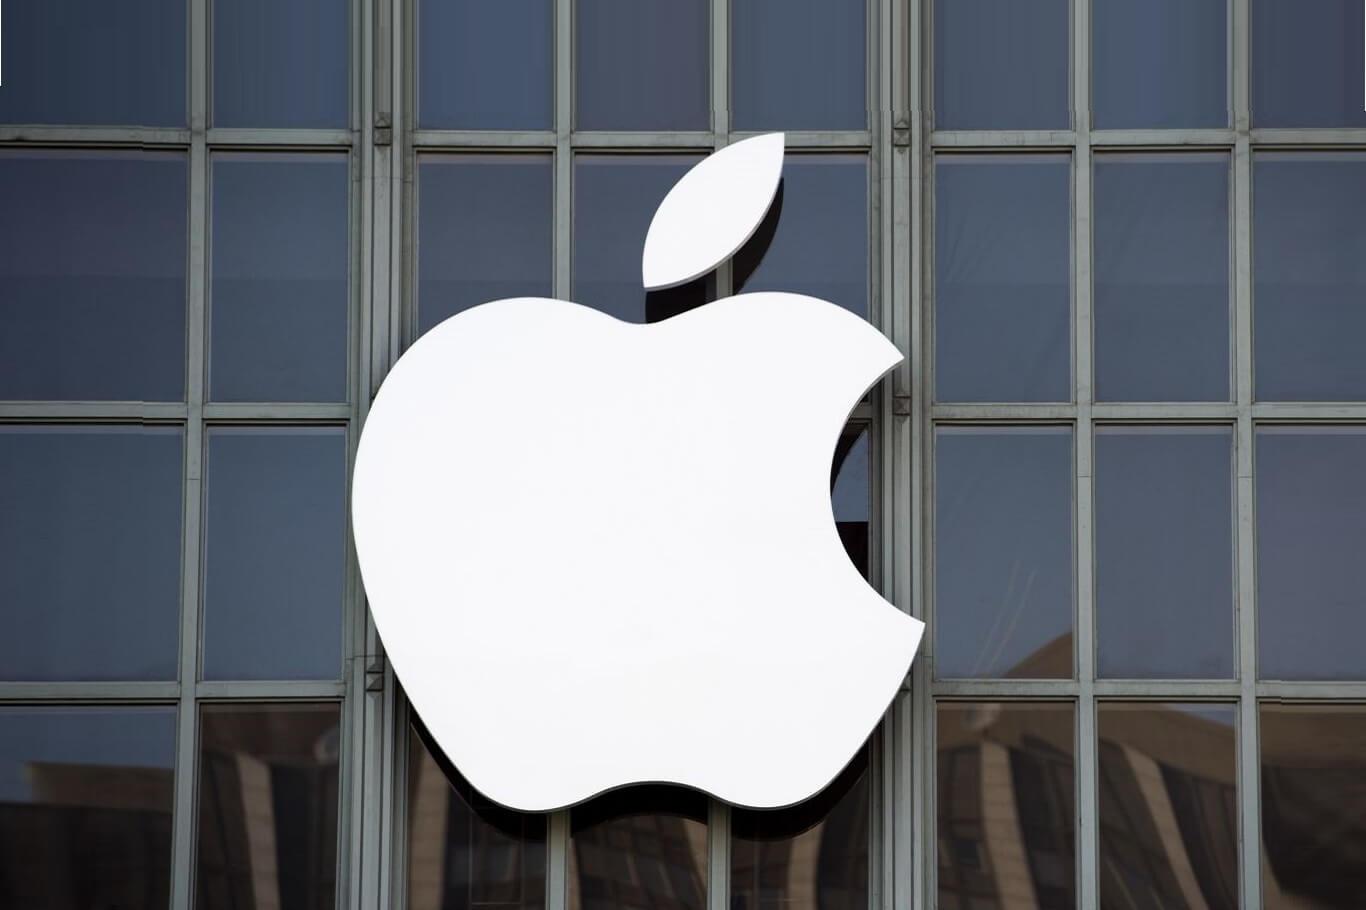 Dough Field's departure jeopardizes Apple's Self-driving car Ambition